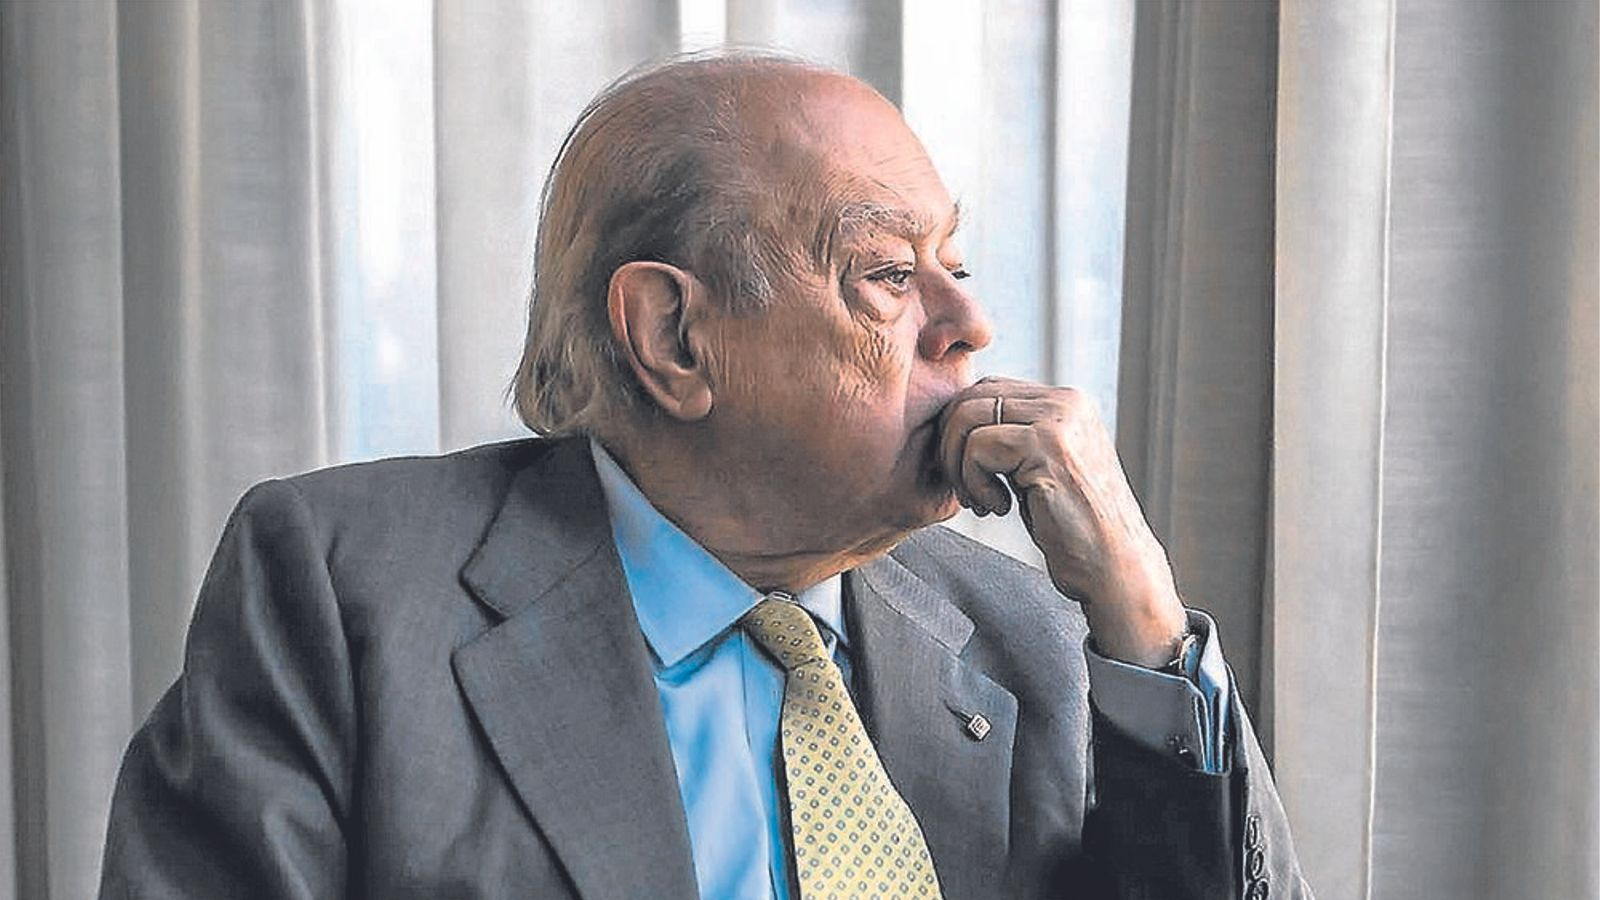 Cinc anys de la confessió de Pujol: quin serà el seu llegat polític?